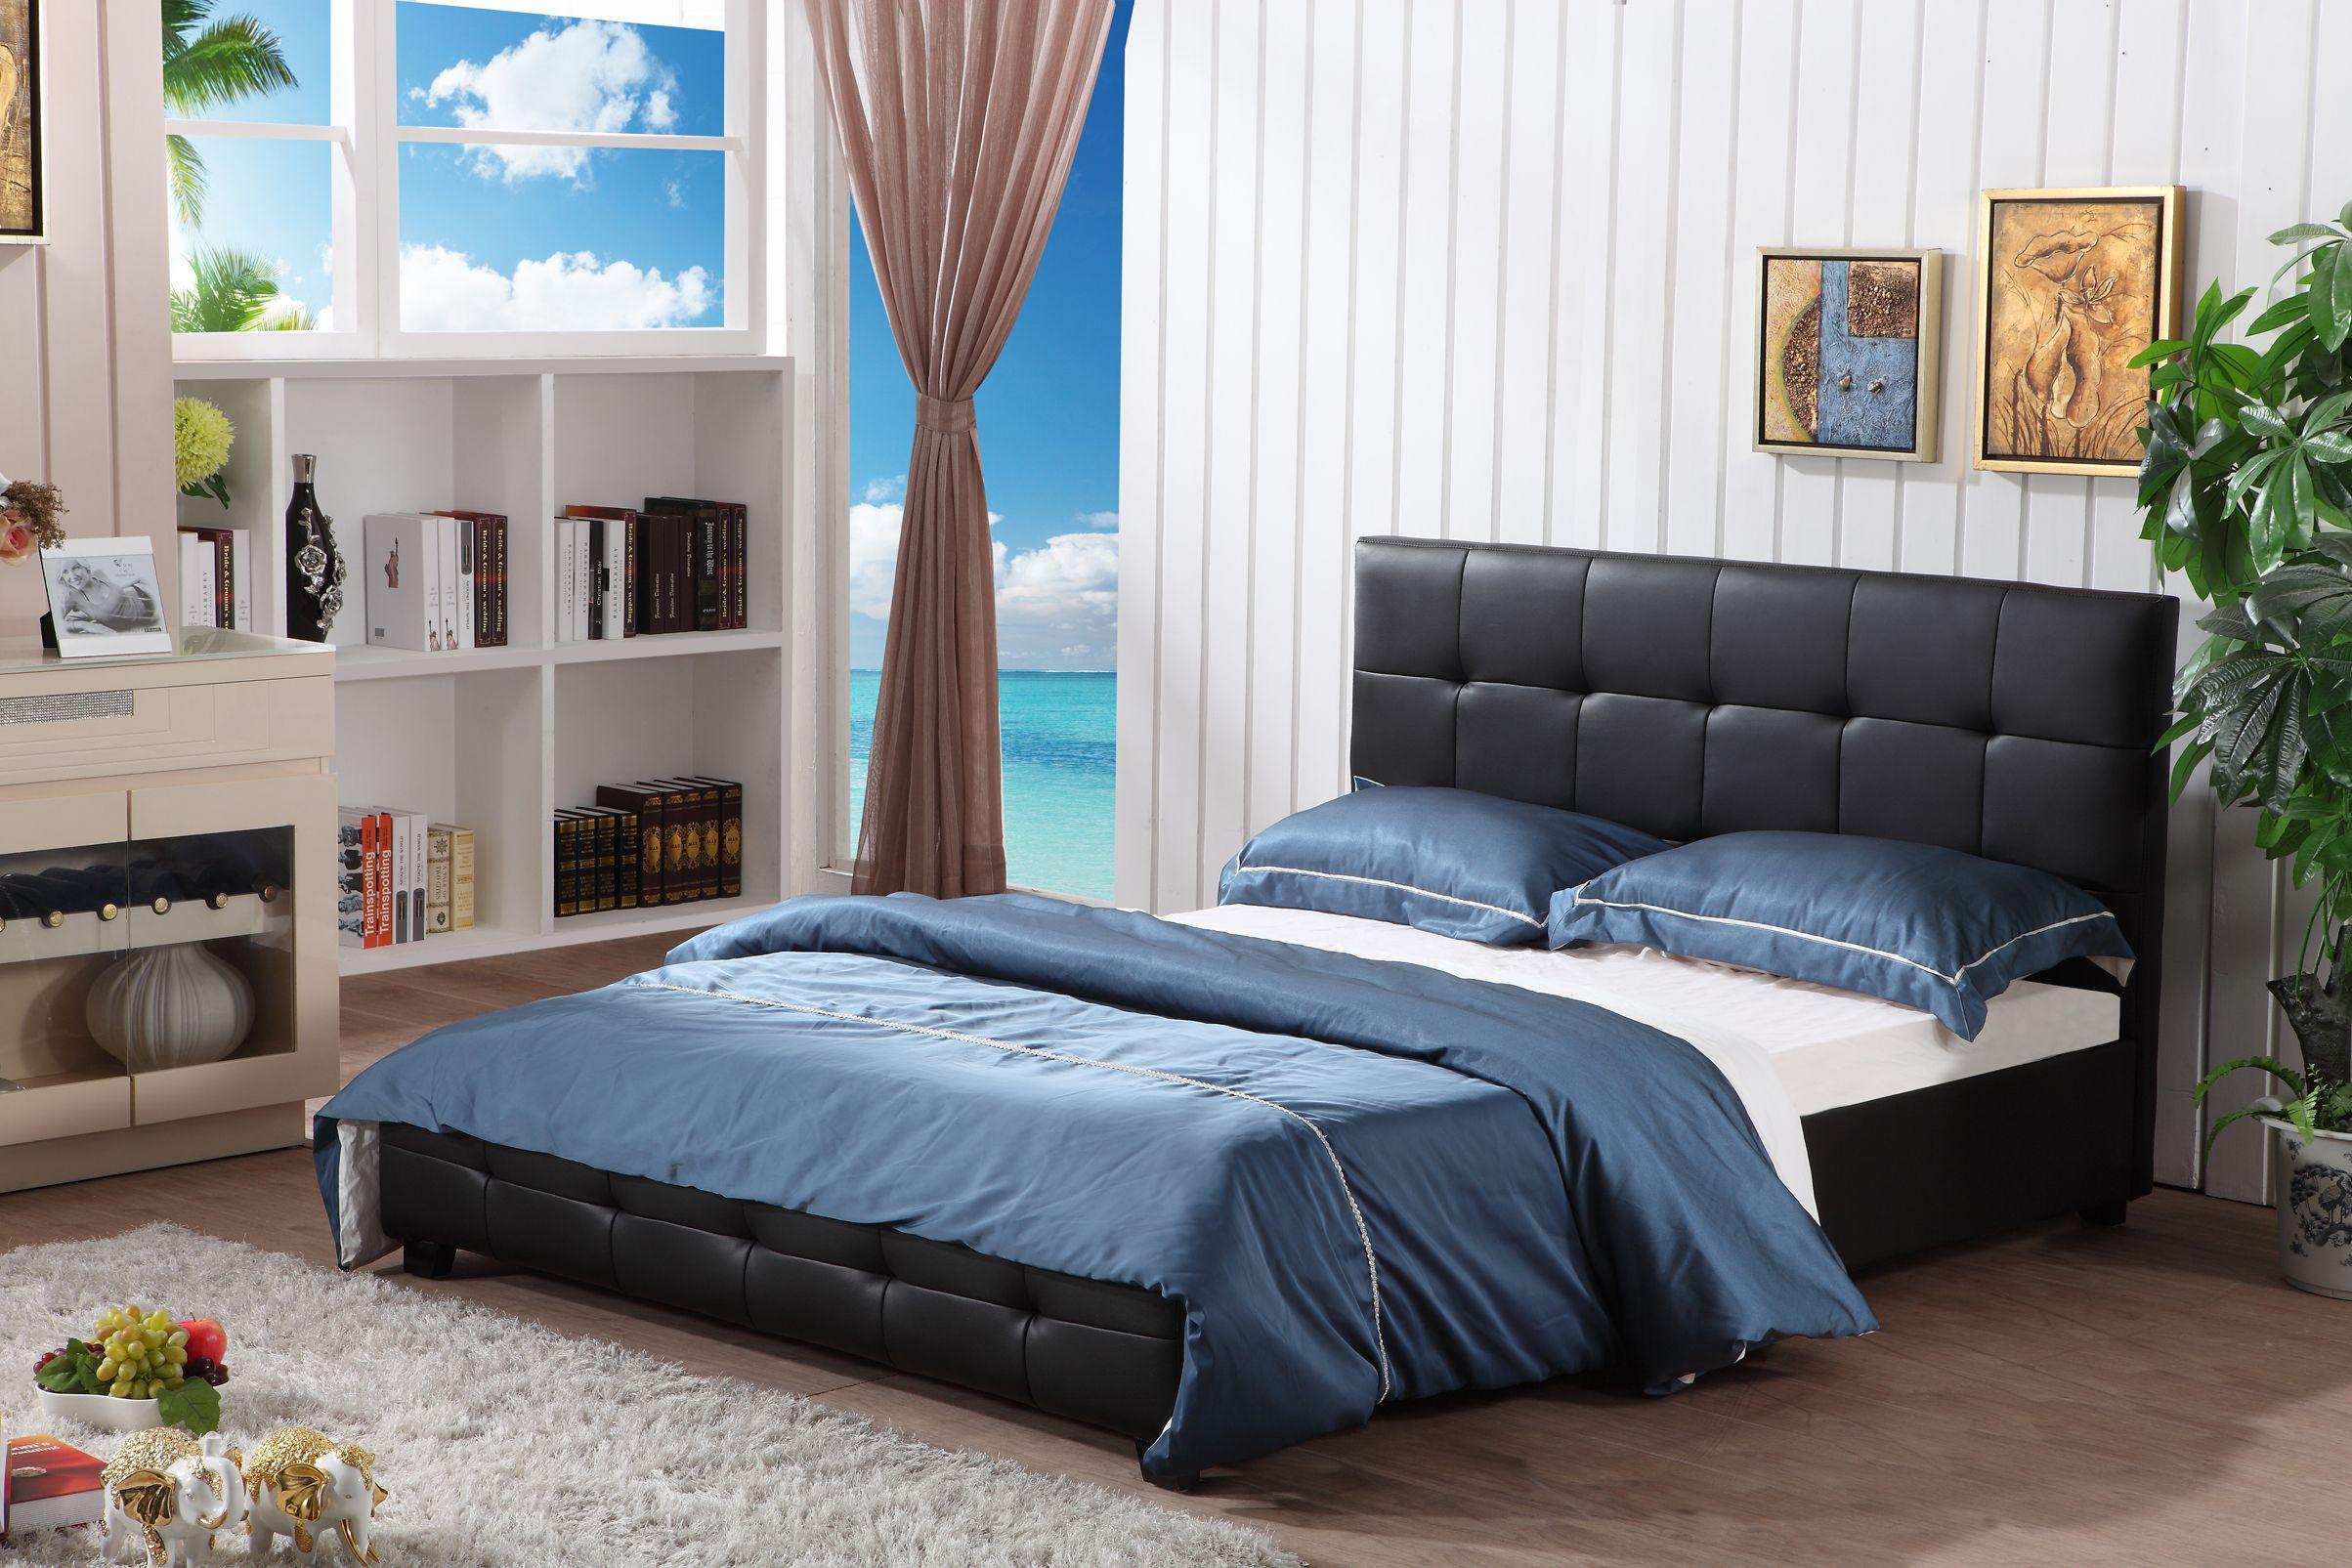 Beste Matratze Für Plattform Bett Mit Lattenrost Beste